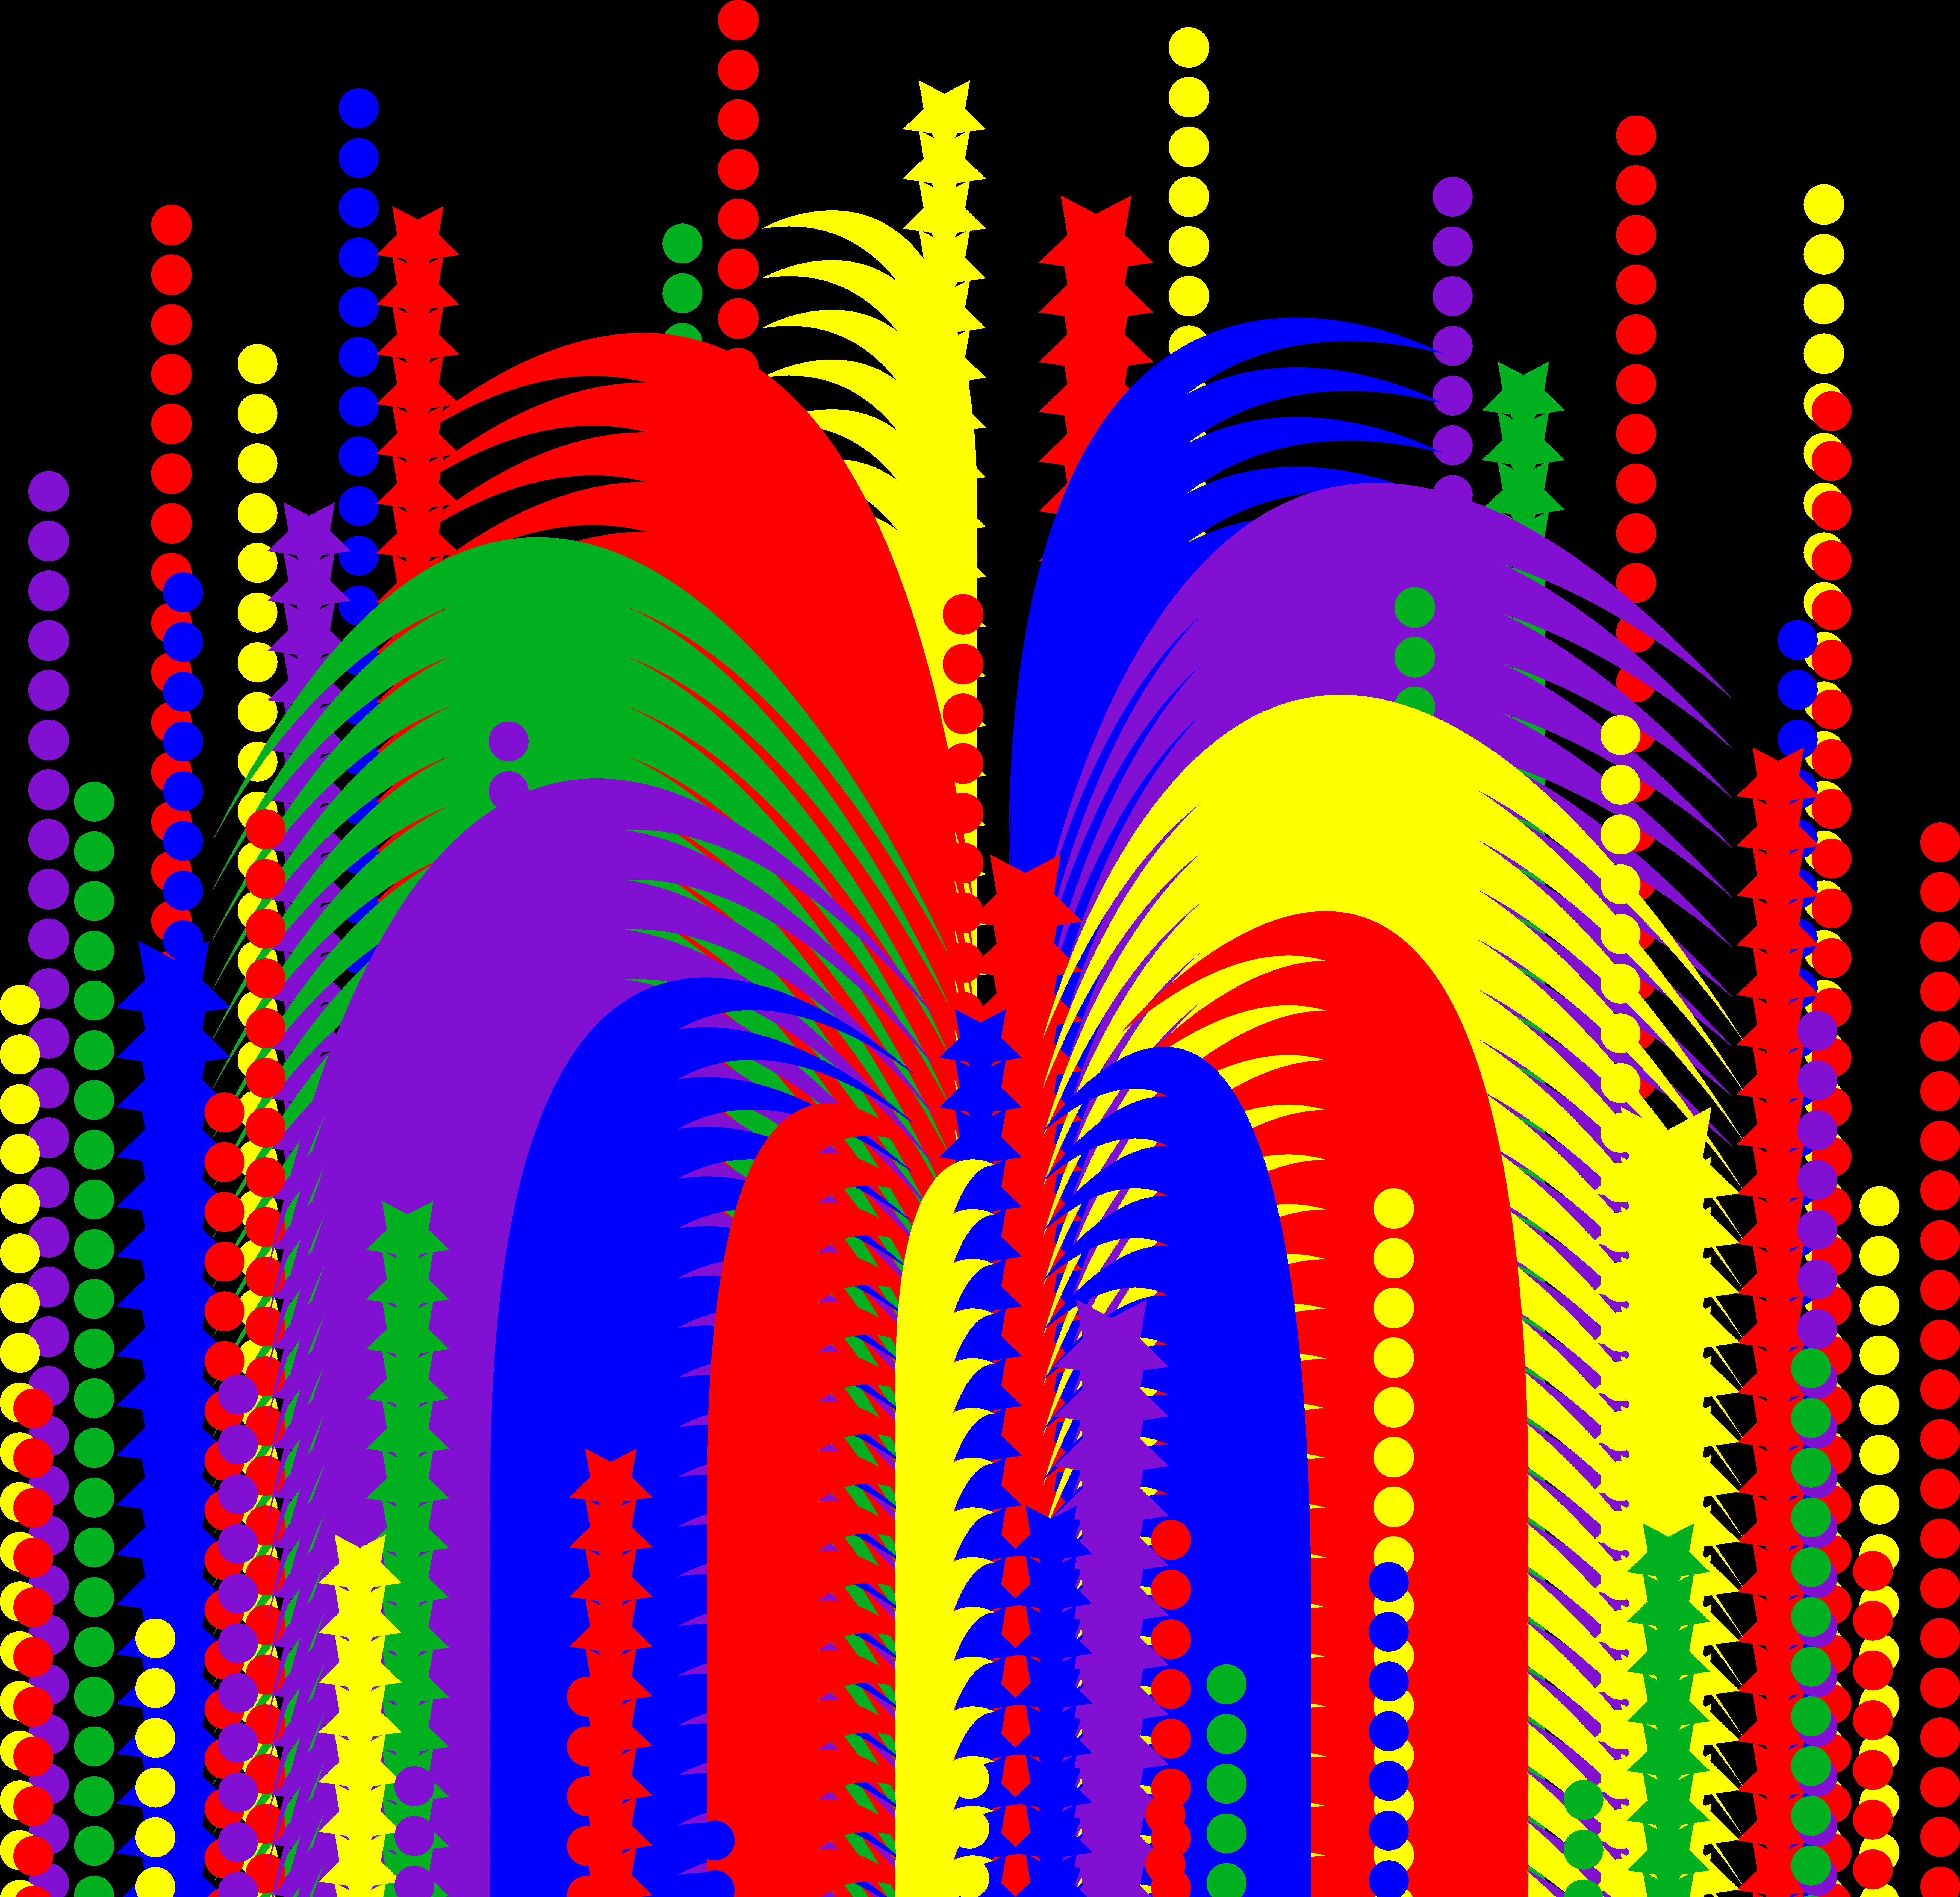 7175x6943 Fireworks Clip Art Free